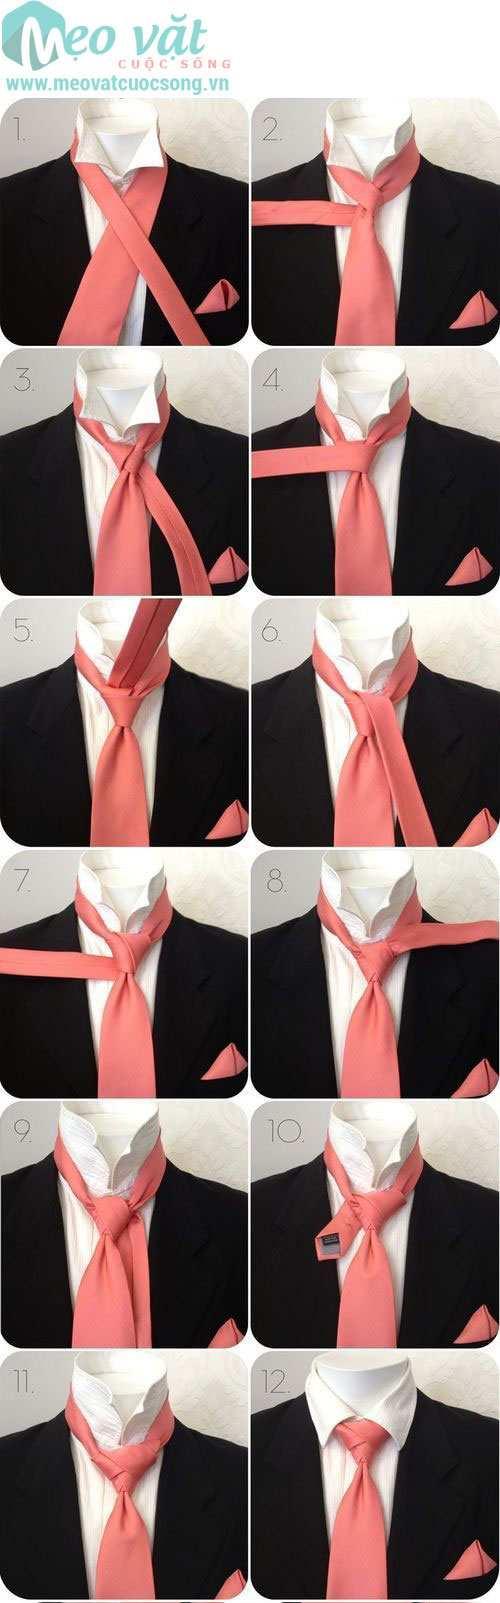 Mẹo thắt cà vạt (caravat) chuẩn đẹp